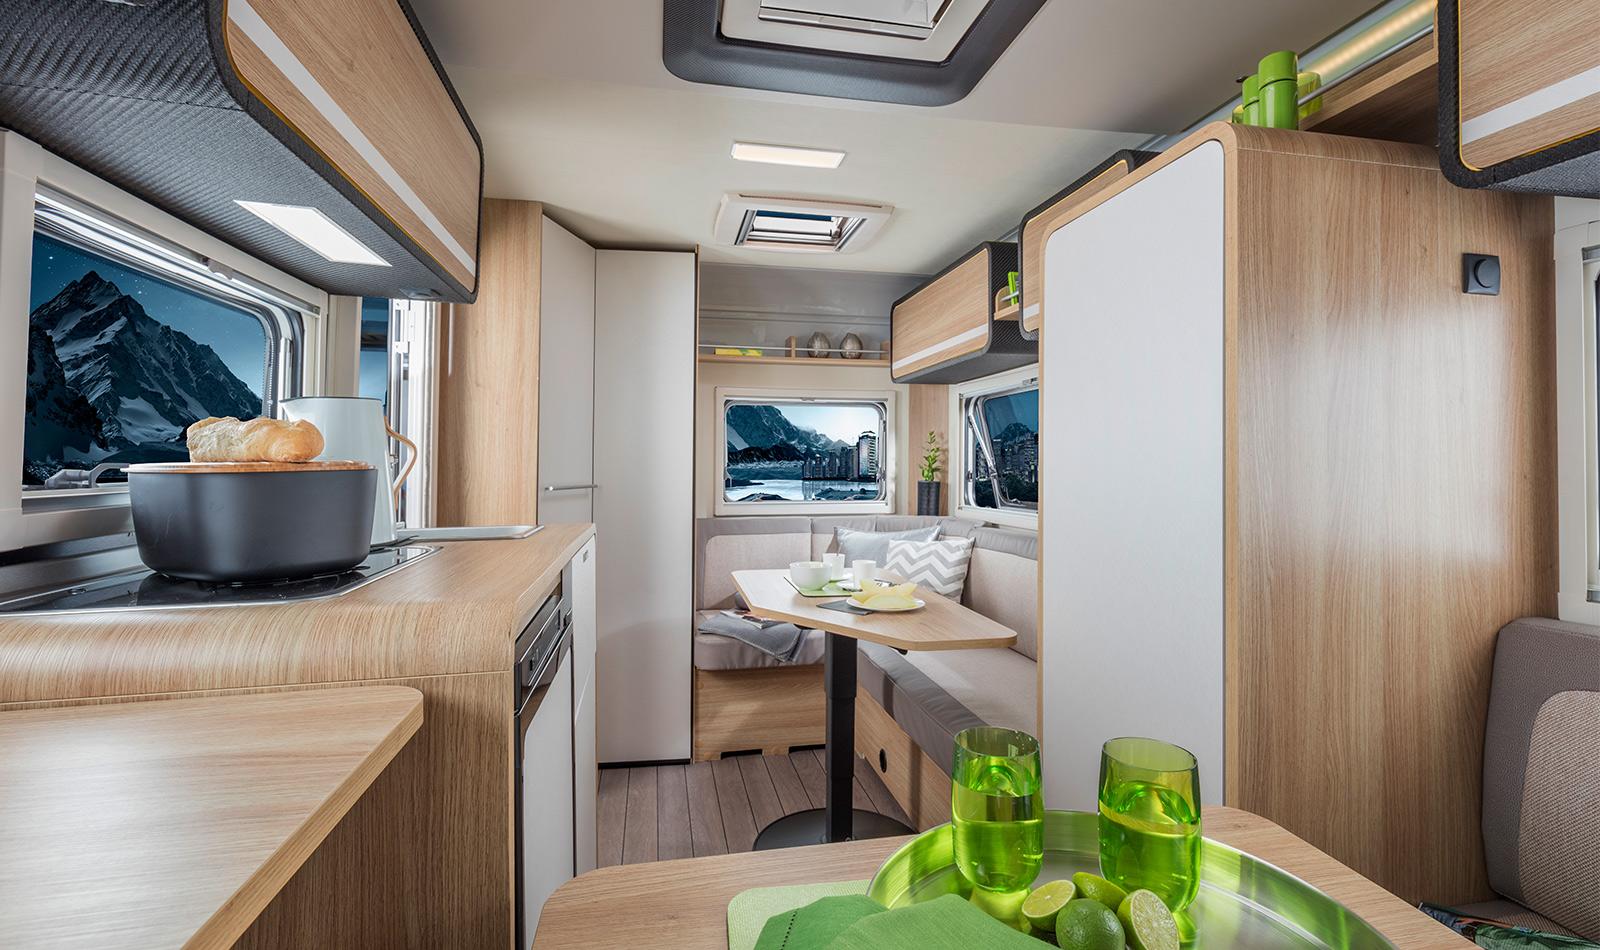 knaus travelino 2019 revolutionaire caravan licht in gewicht. Black Bedroom Furniture Sets. Home Design Ideas